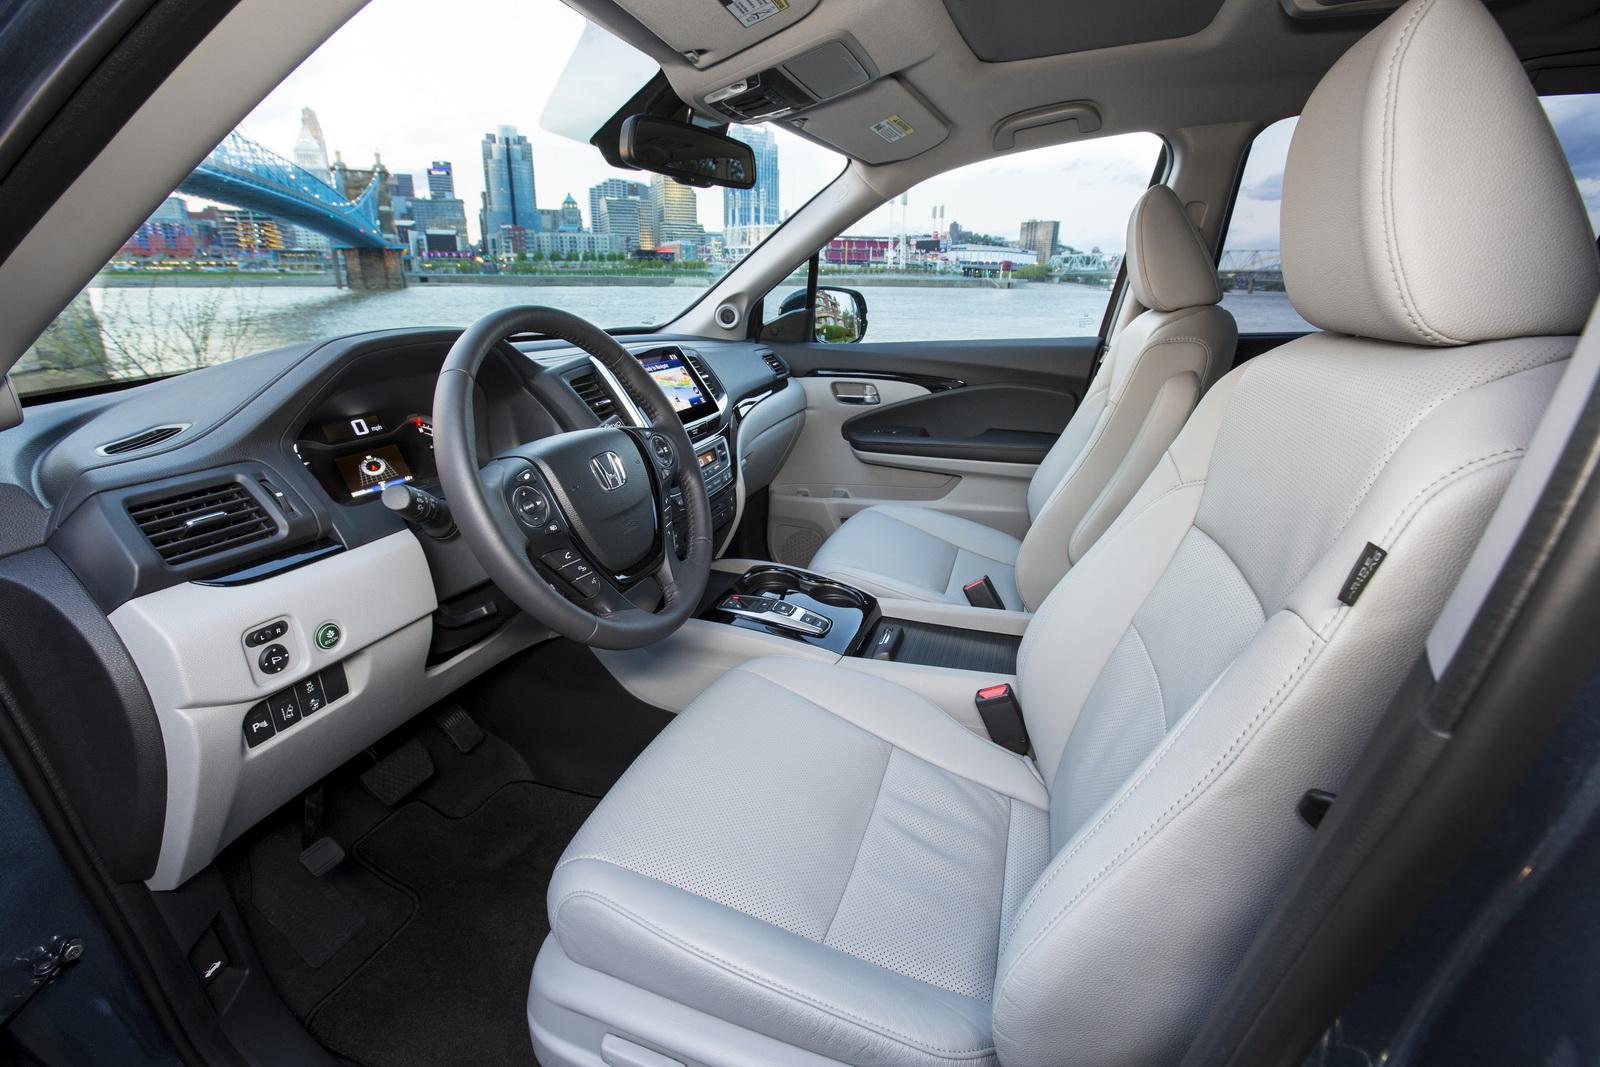 أهم التحديثات التكنولوجية التي زودت بها السيارة هوندا بايلوت موديل 2017 الجديدة :